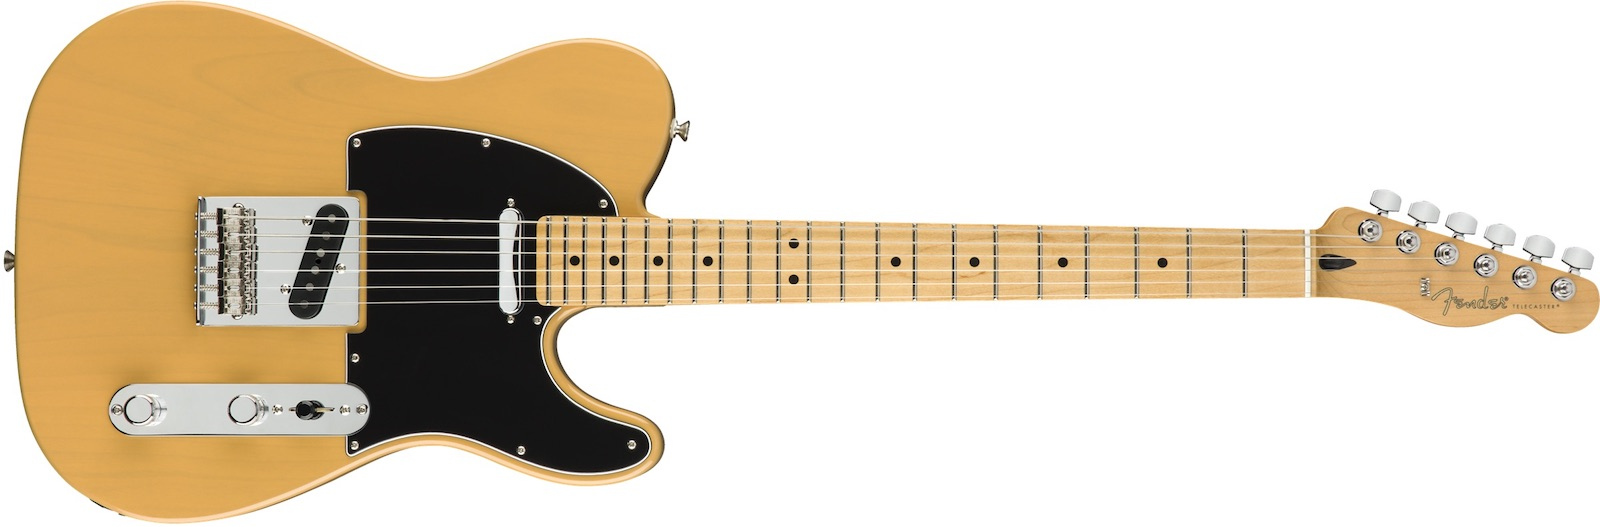 【新品】Fender Player Telecaster Maple Fingerboard ~Butterscotch Blonde~【お取り寄せ】【送料無料】【池袋店】